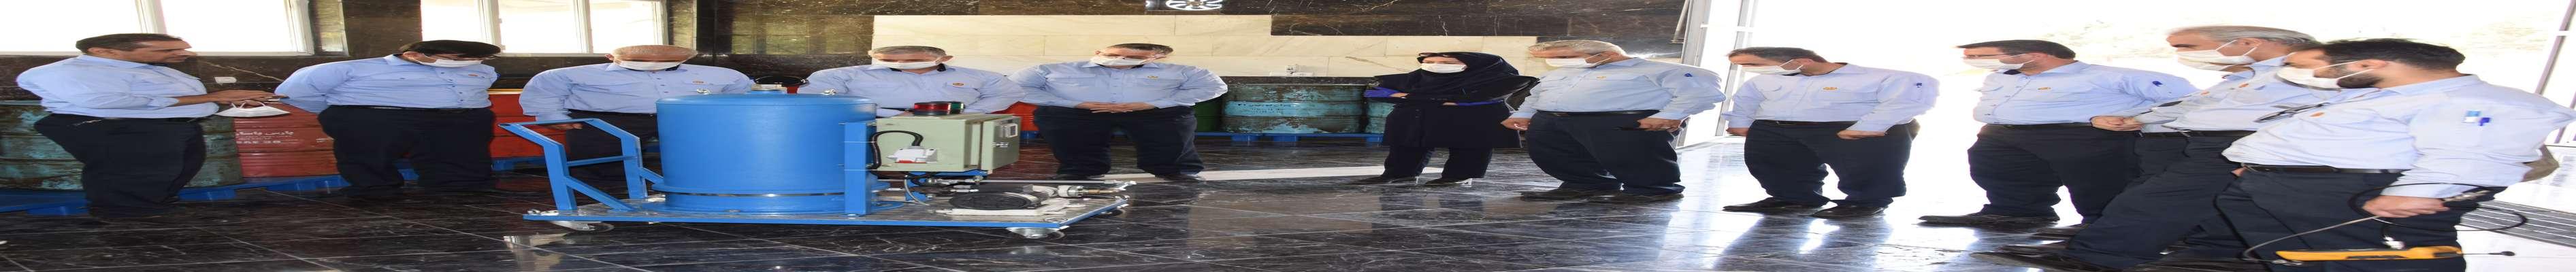 ساخت دستگاه تصفیه روغن واحدهای گازی در نیروگاه شهید رجایی